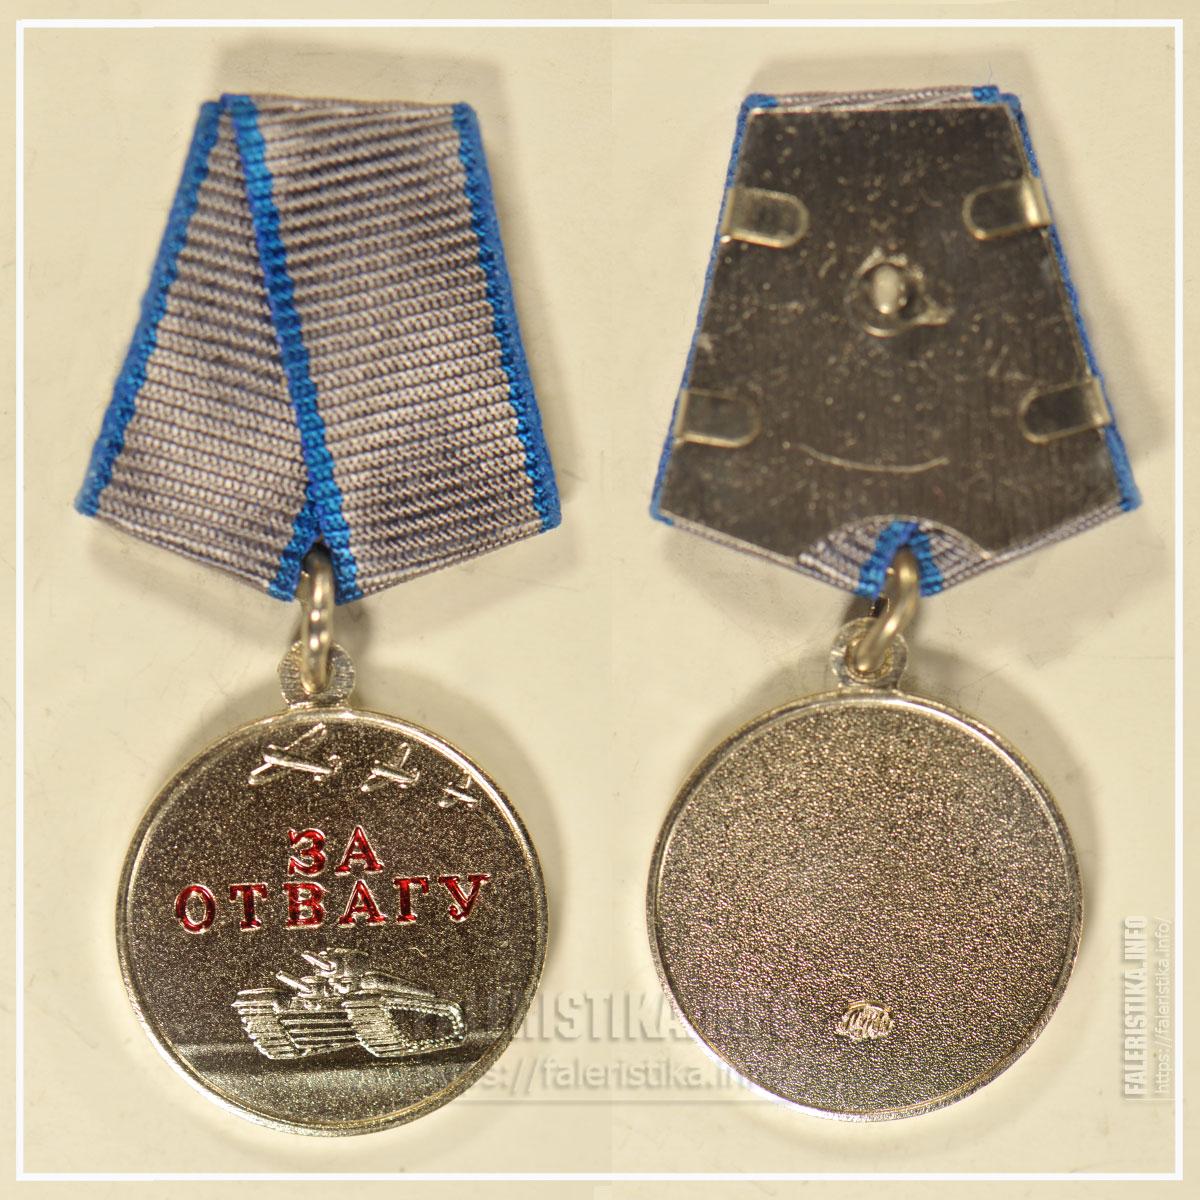 Медаль «За отвагу». Миниатюрная копия знака (фрачник). Московский монетный двор